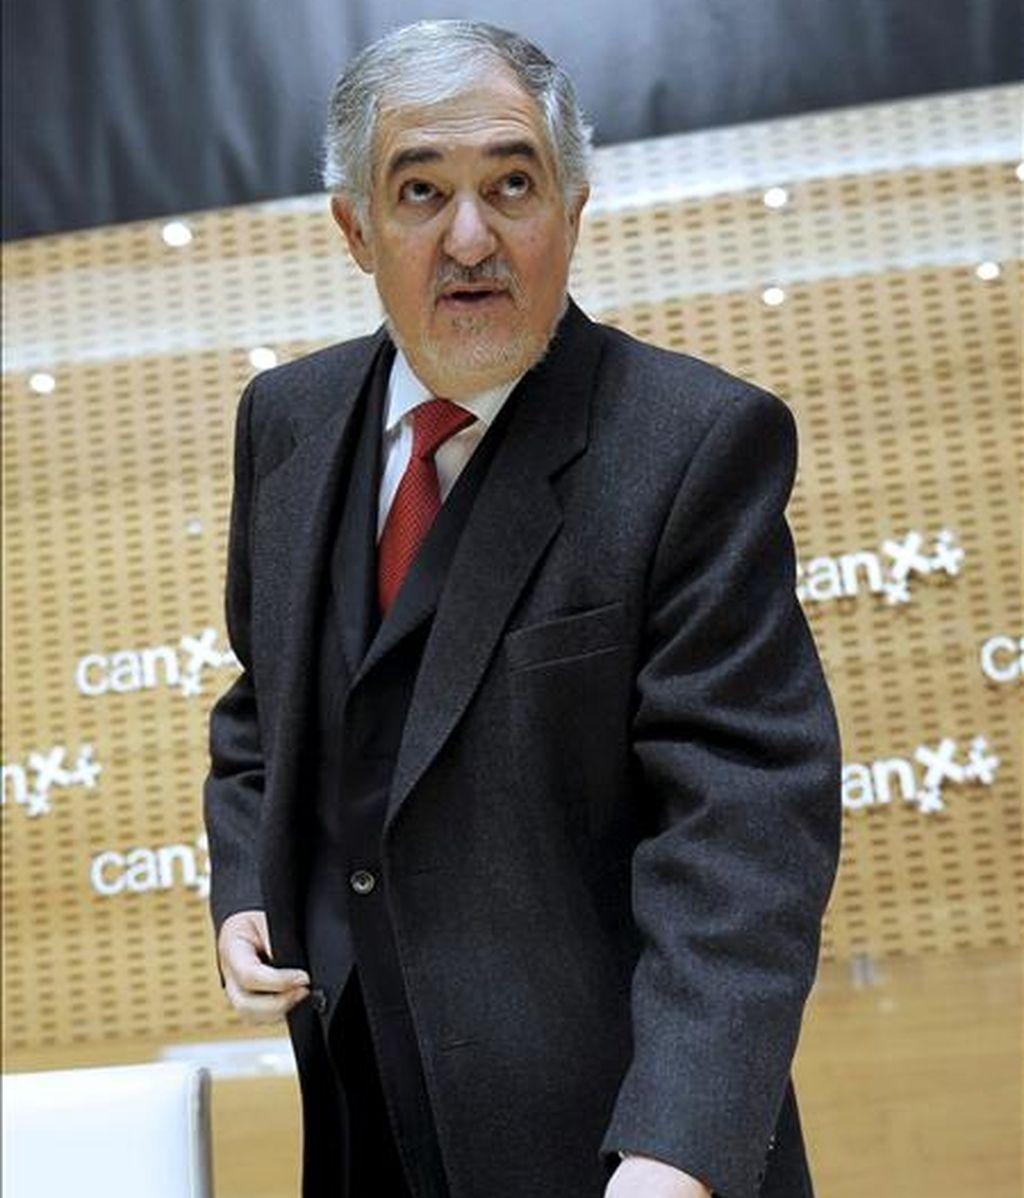 El fiscal general del Estado, Cándido Conde-Pumpido (i), momentos antes de pronunciar una conferencia el pasado 23 de noviembre. EFE/Archivo